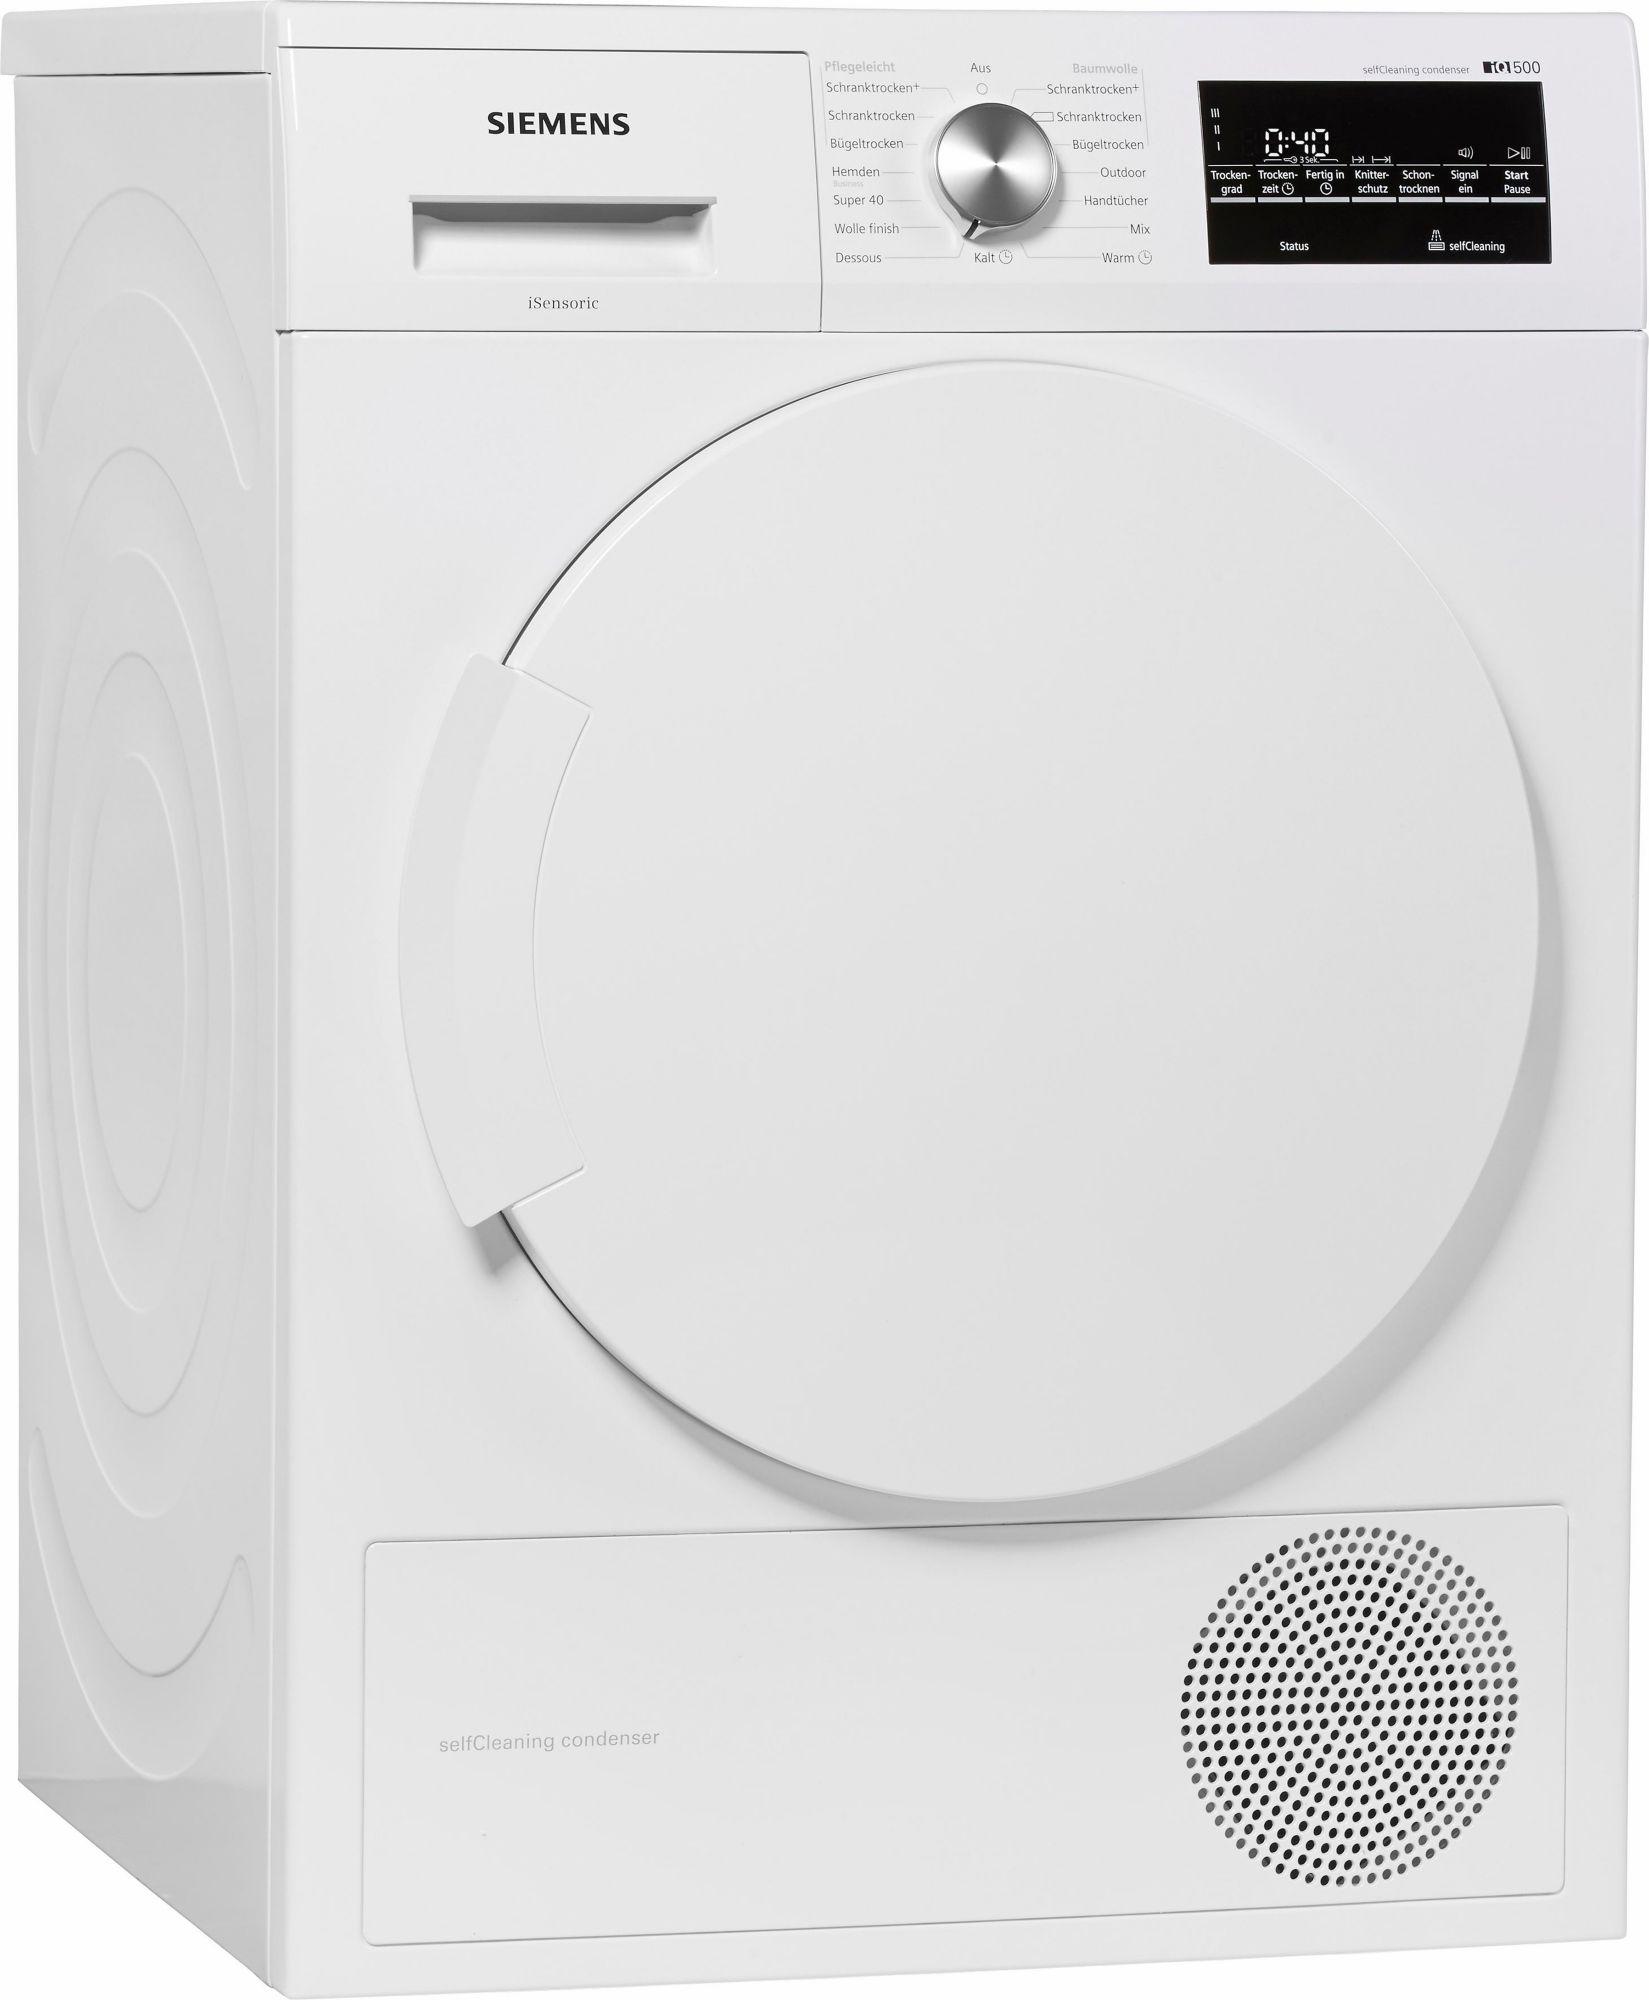 SIEMENS  Trockner iQ500 WT43W460, A++, 7 kg